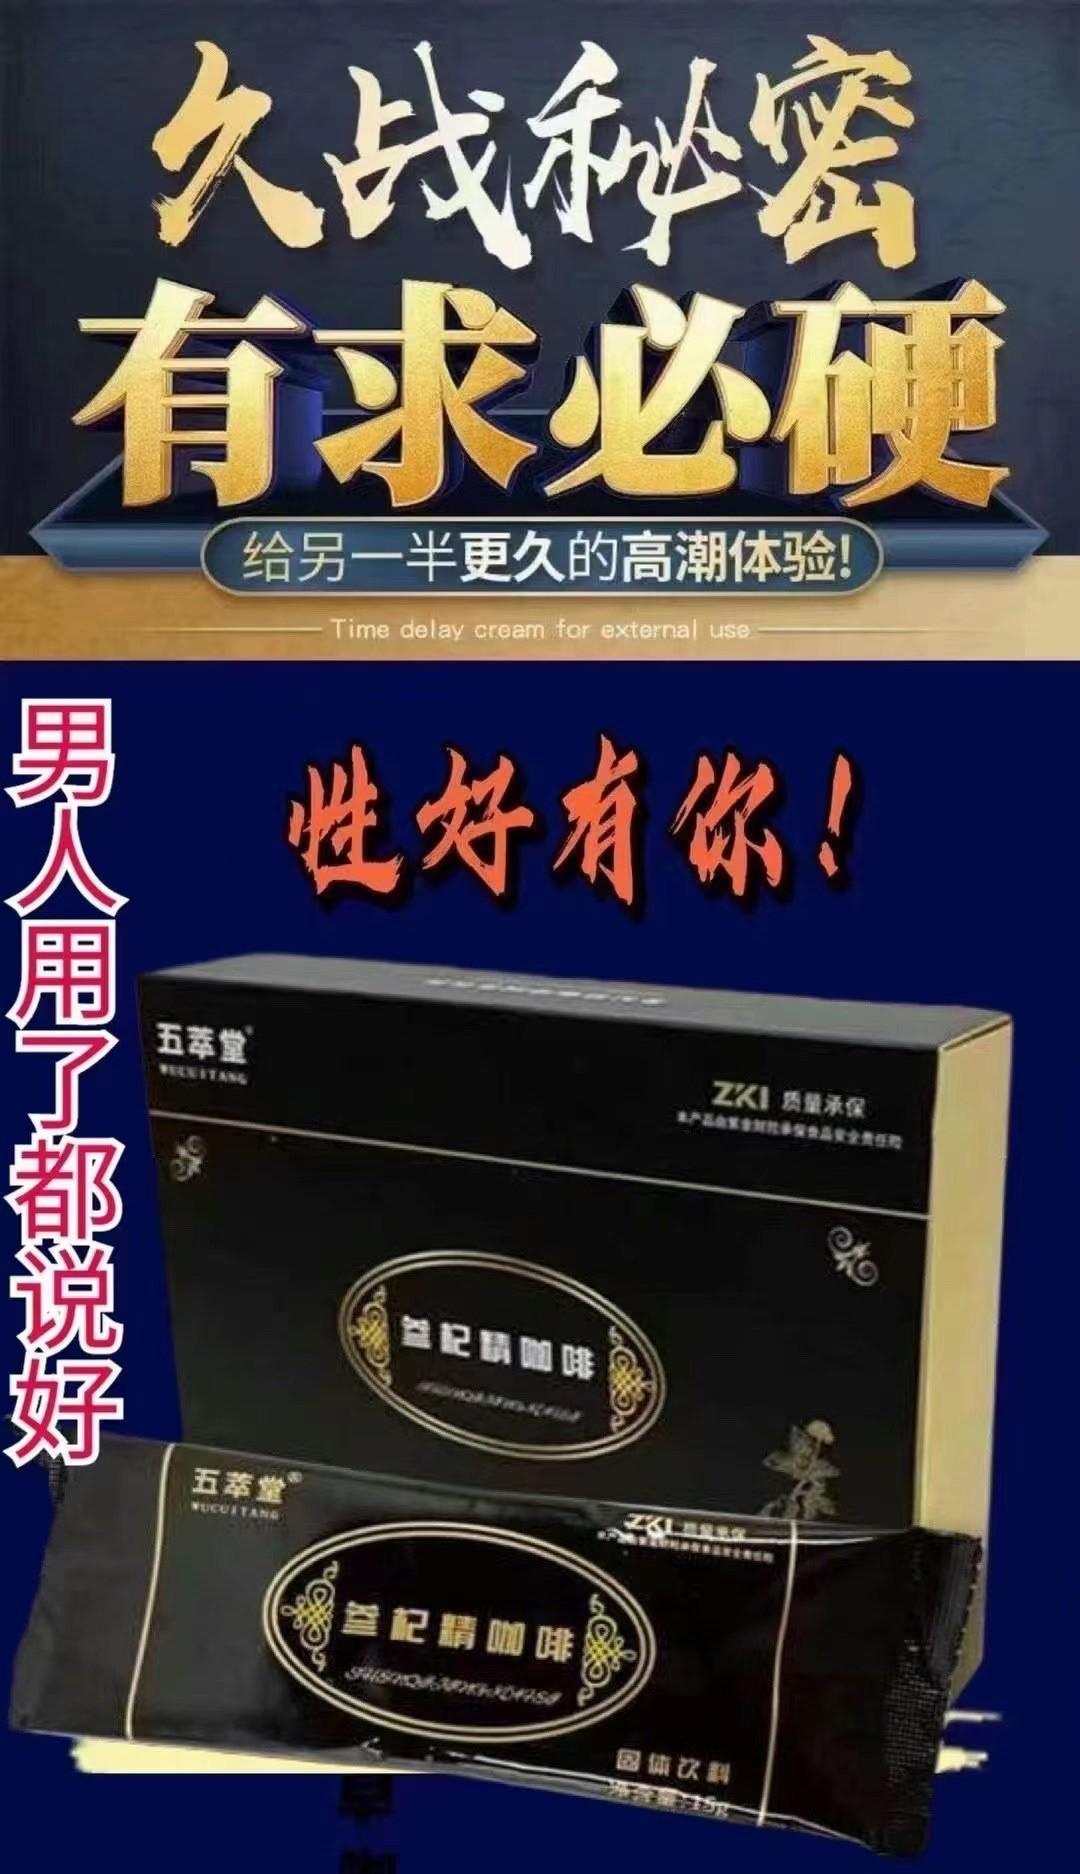 五萃堂参杞精咖啡作用原理———食疗原理